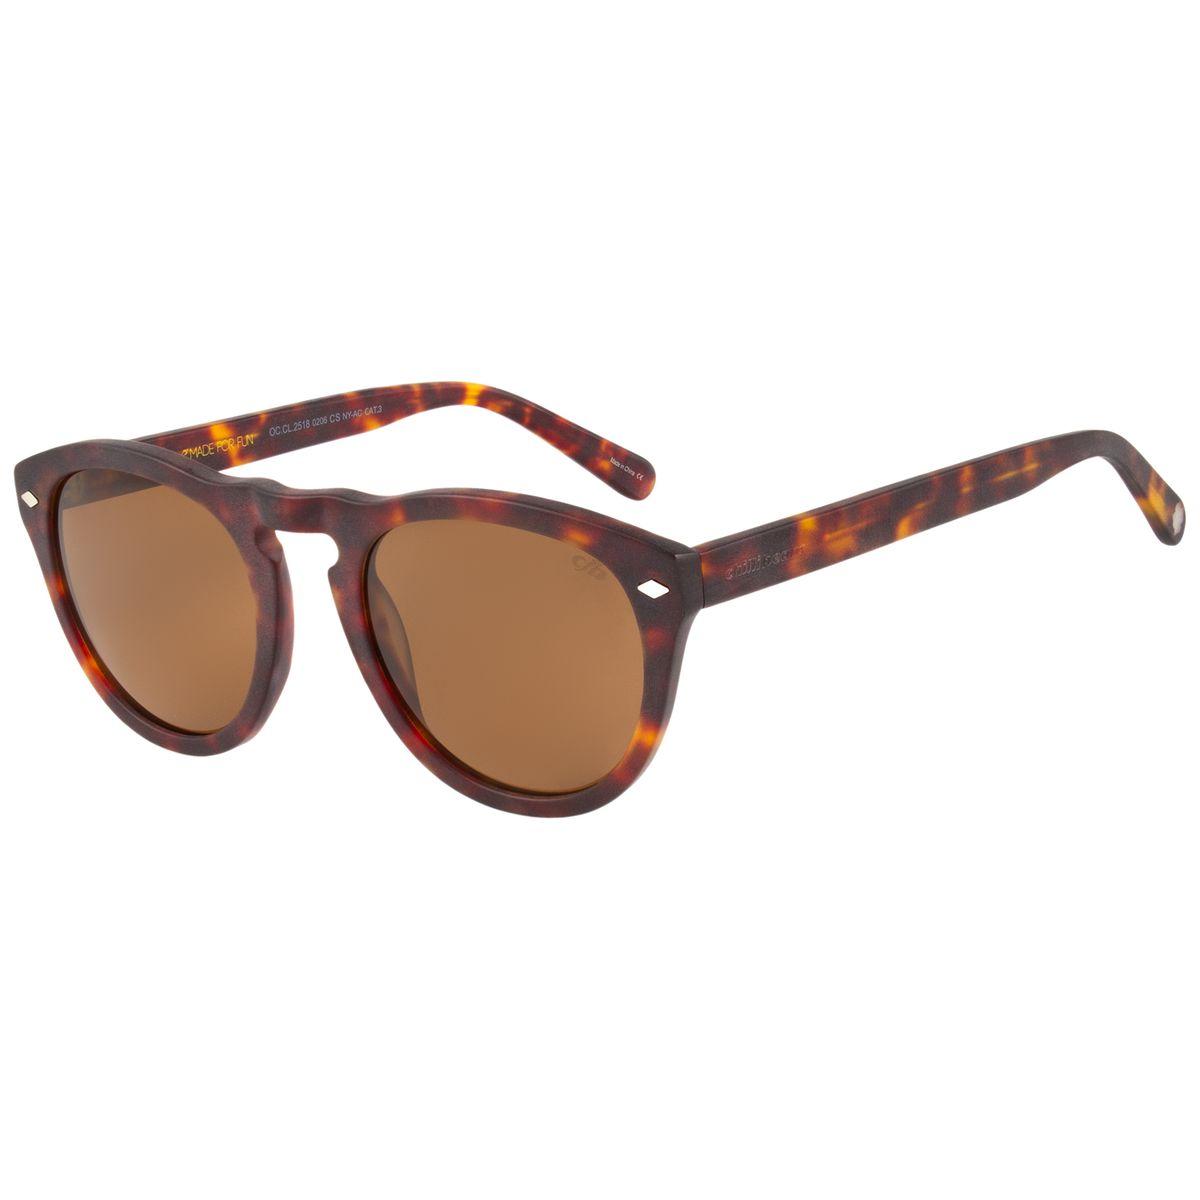 f387afb71 Óculos de Sol Masculino Vintage Por Marcelo Sommer Tartaruga 2518 -  OC.CL.2518.0206 M. REF: OC.CL.2518.0206. OC.